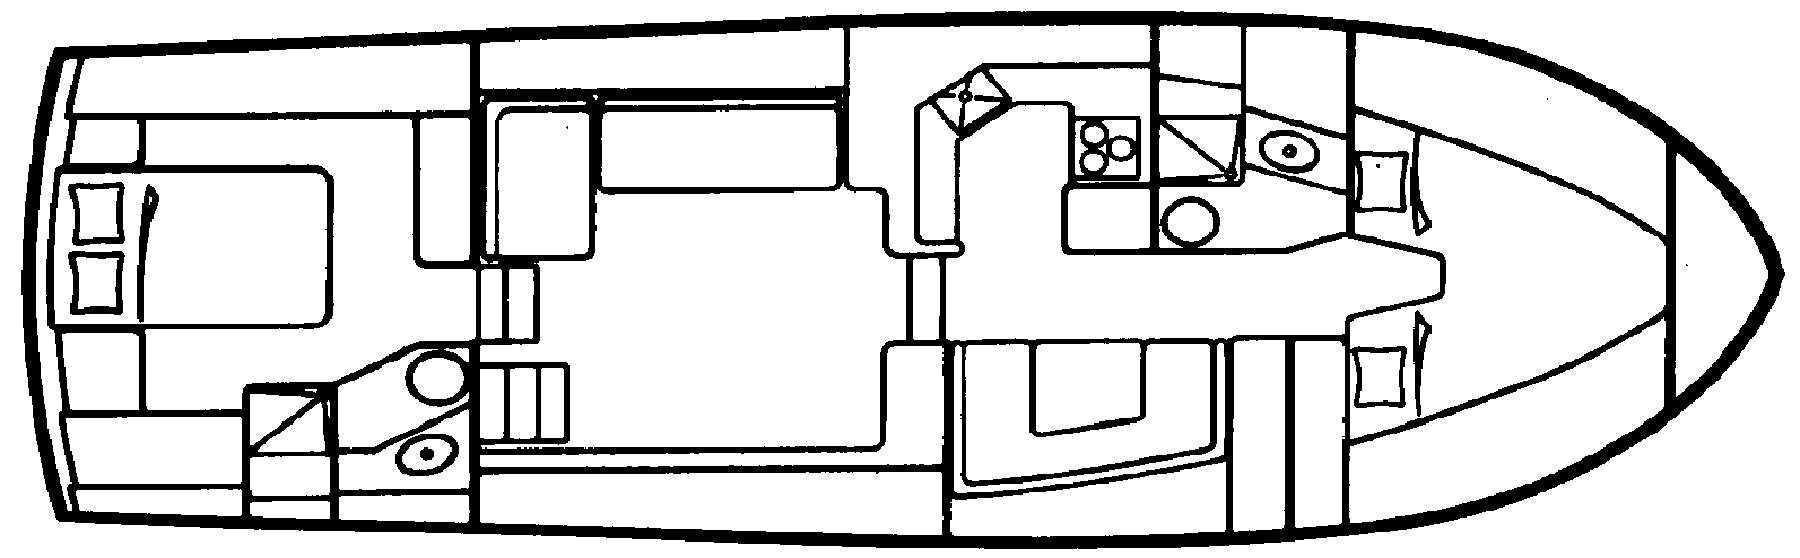 40 Aft Cabin Floor Plan 1